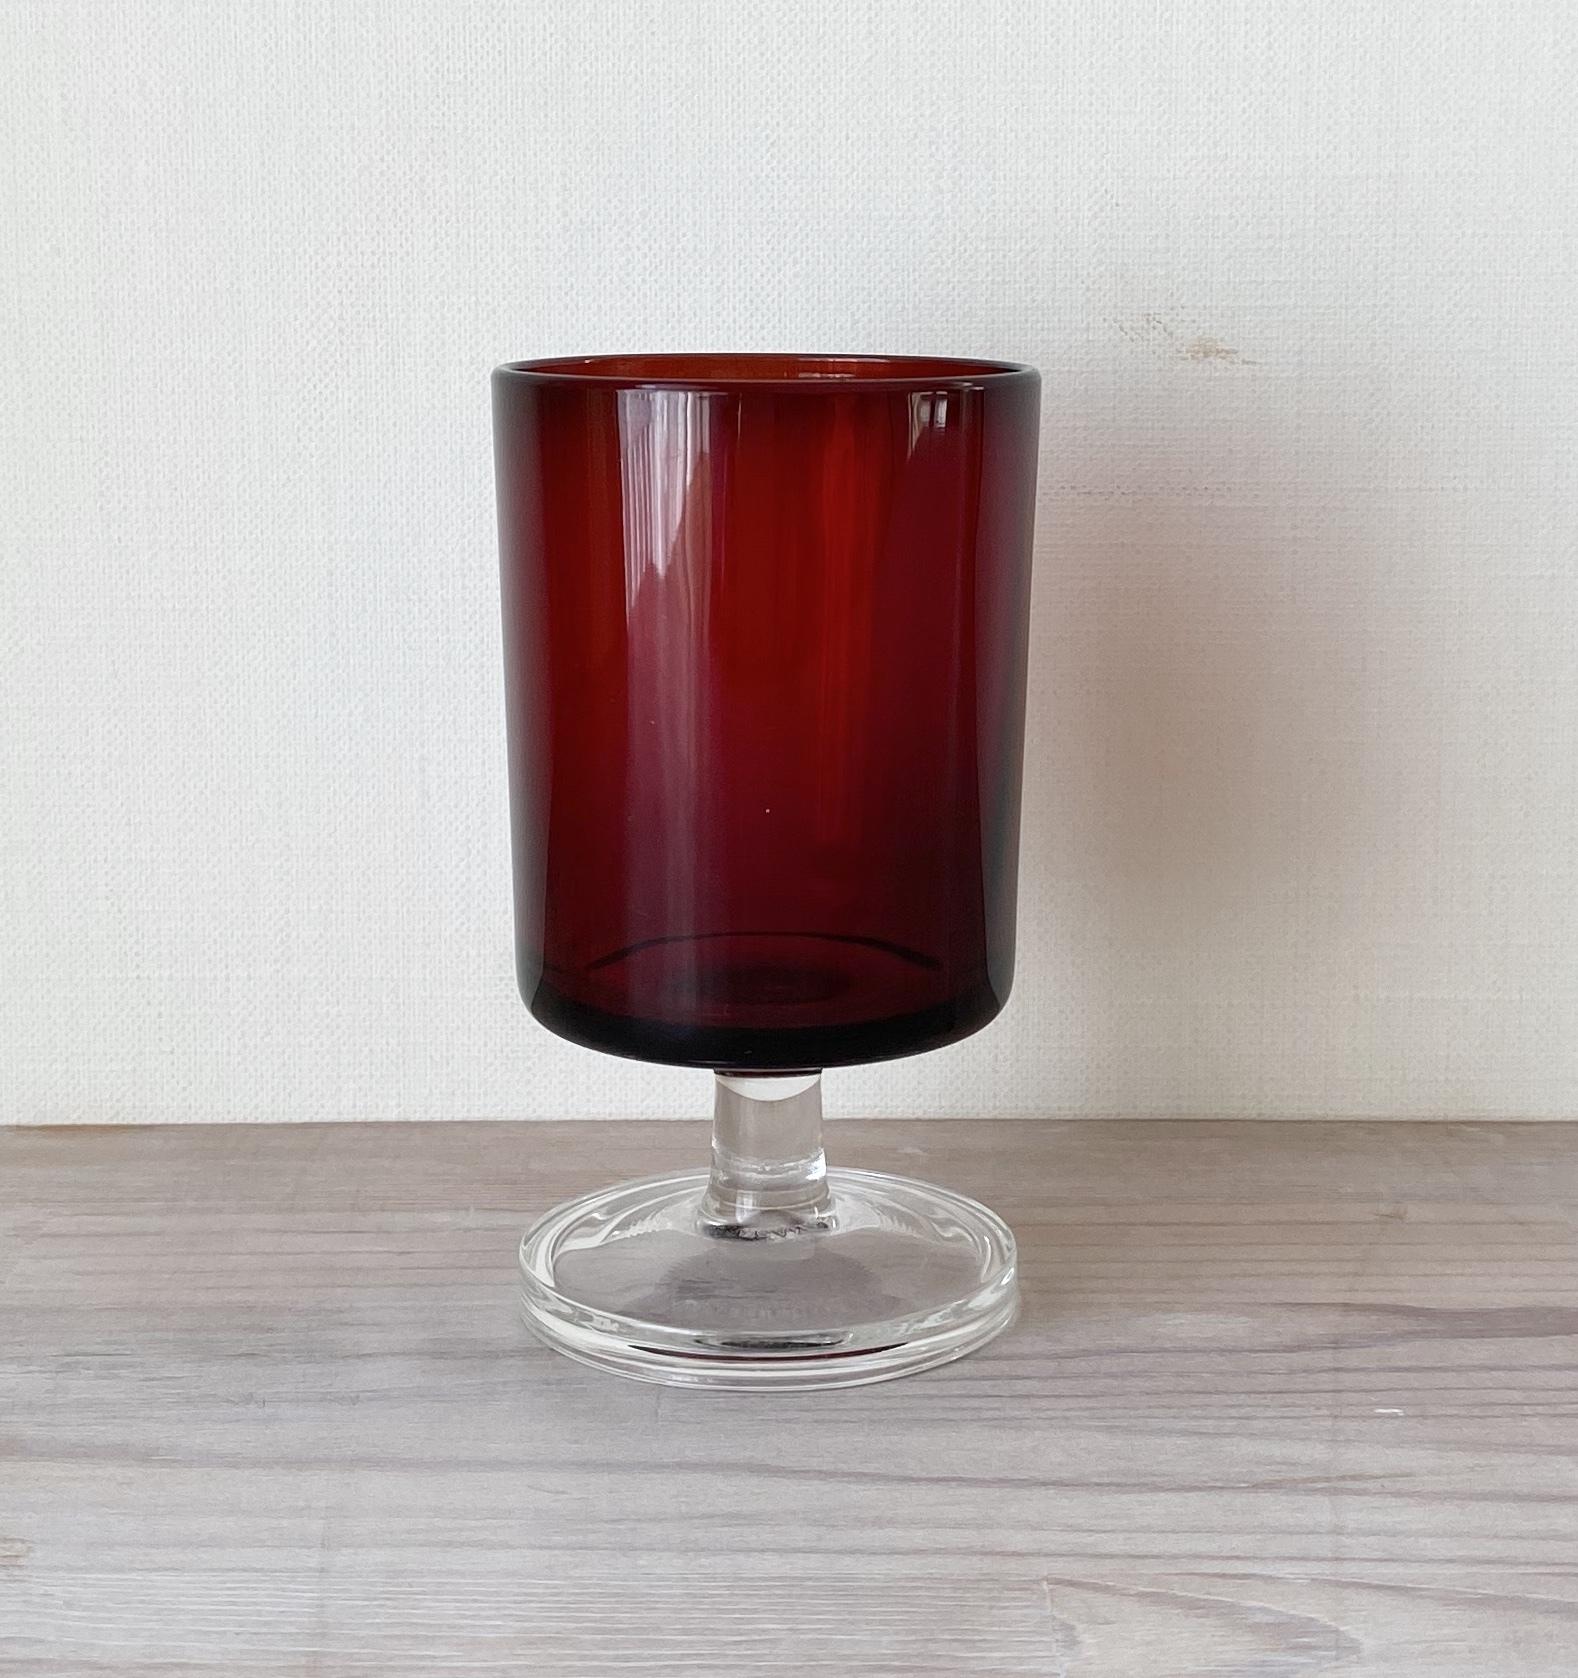 France ヴィンテージカラーグラス・ワイン / uv0030